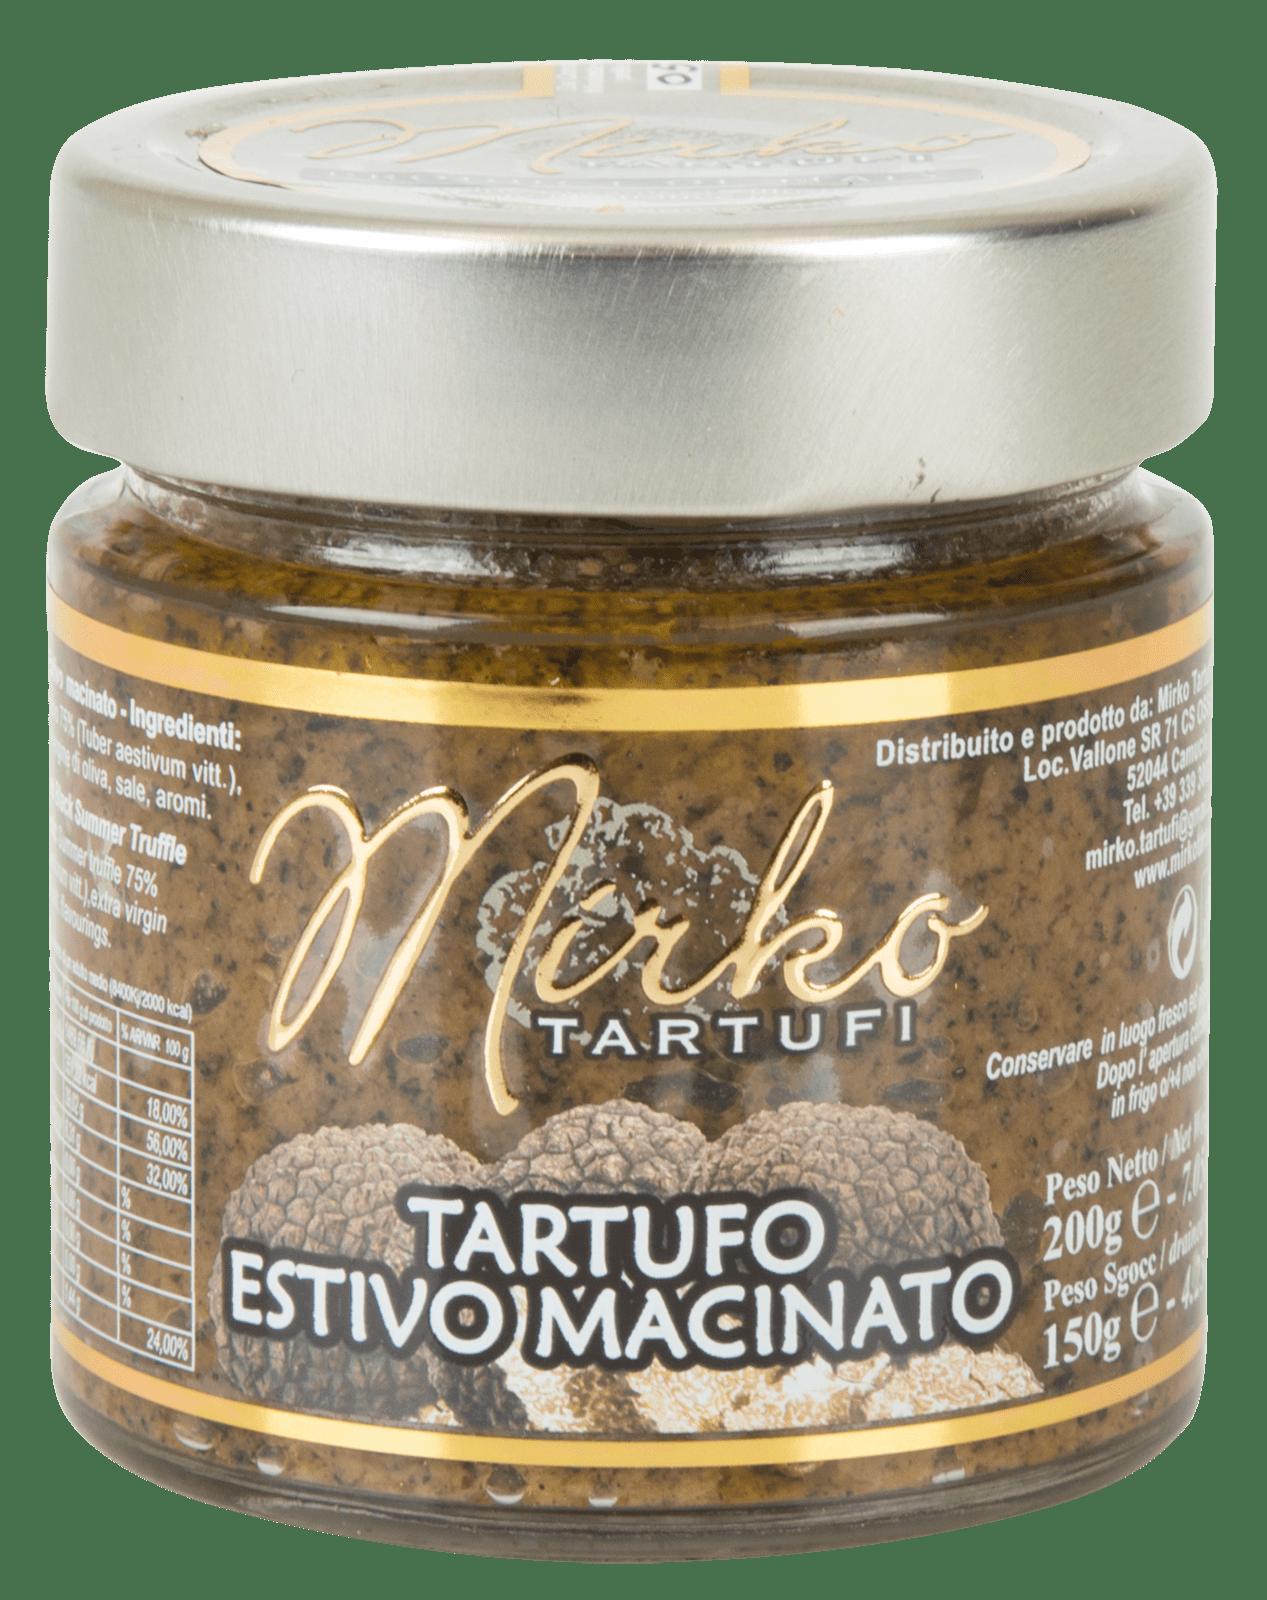 Mirko Tartufi | Tartufo estivo macinato